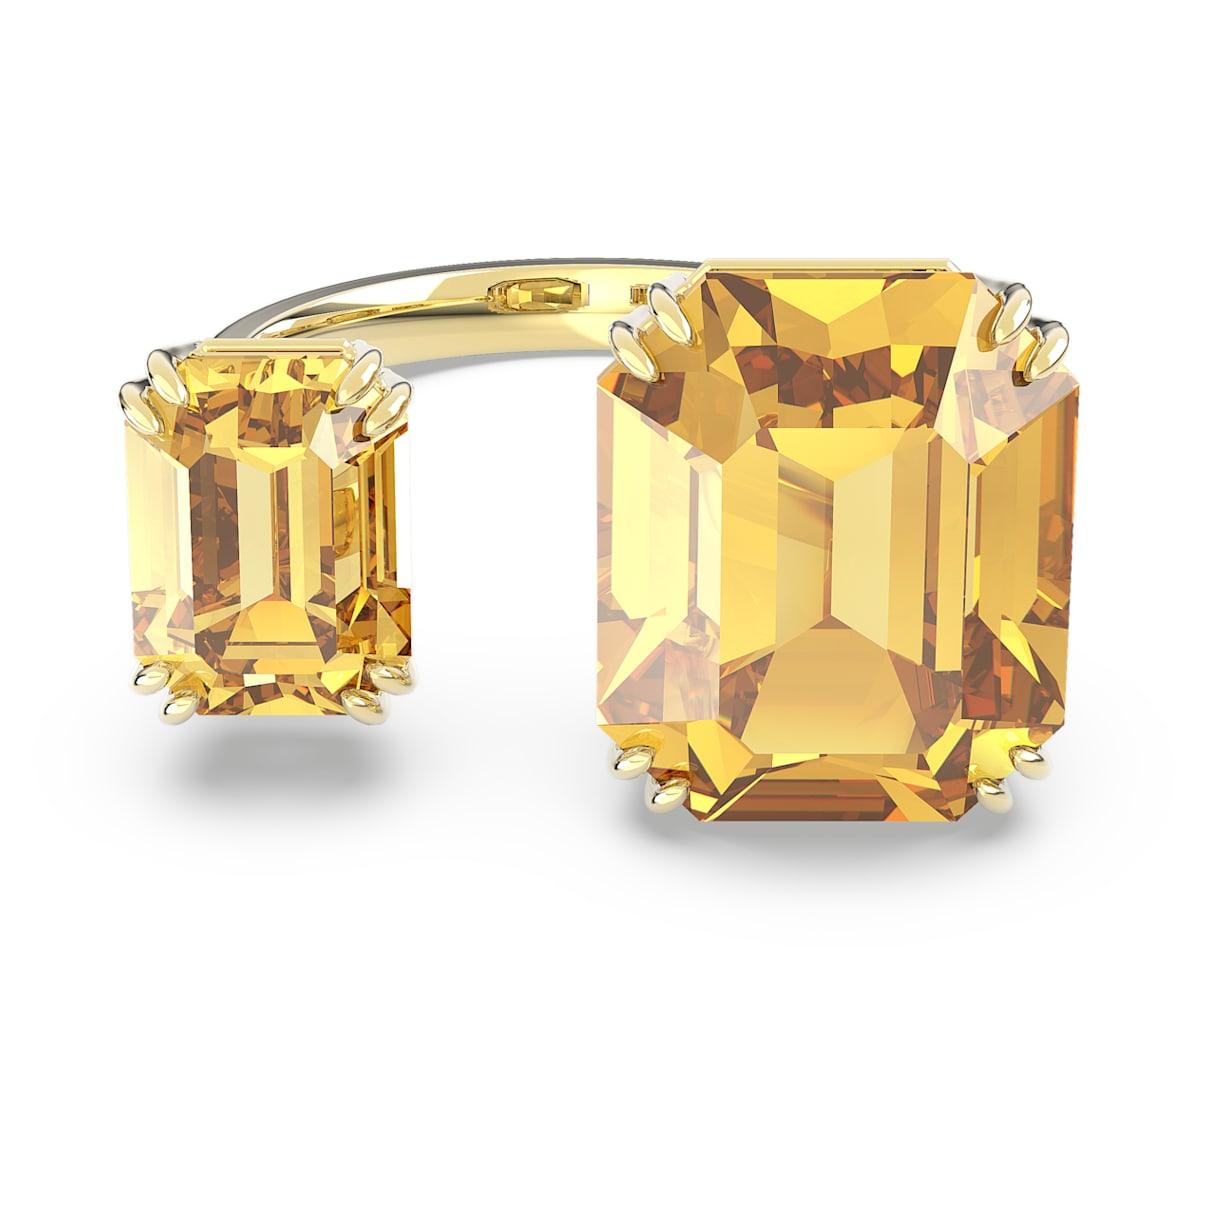 Anello cocktail Millenia, Cristalli taglio Square, Giallo, Placcato color oro